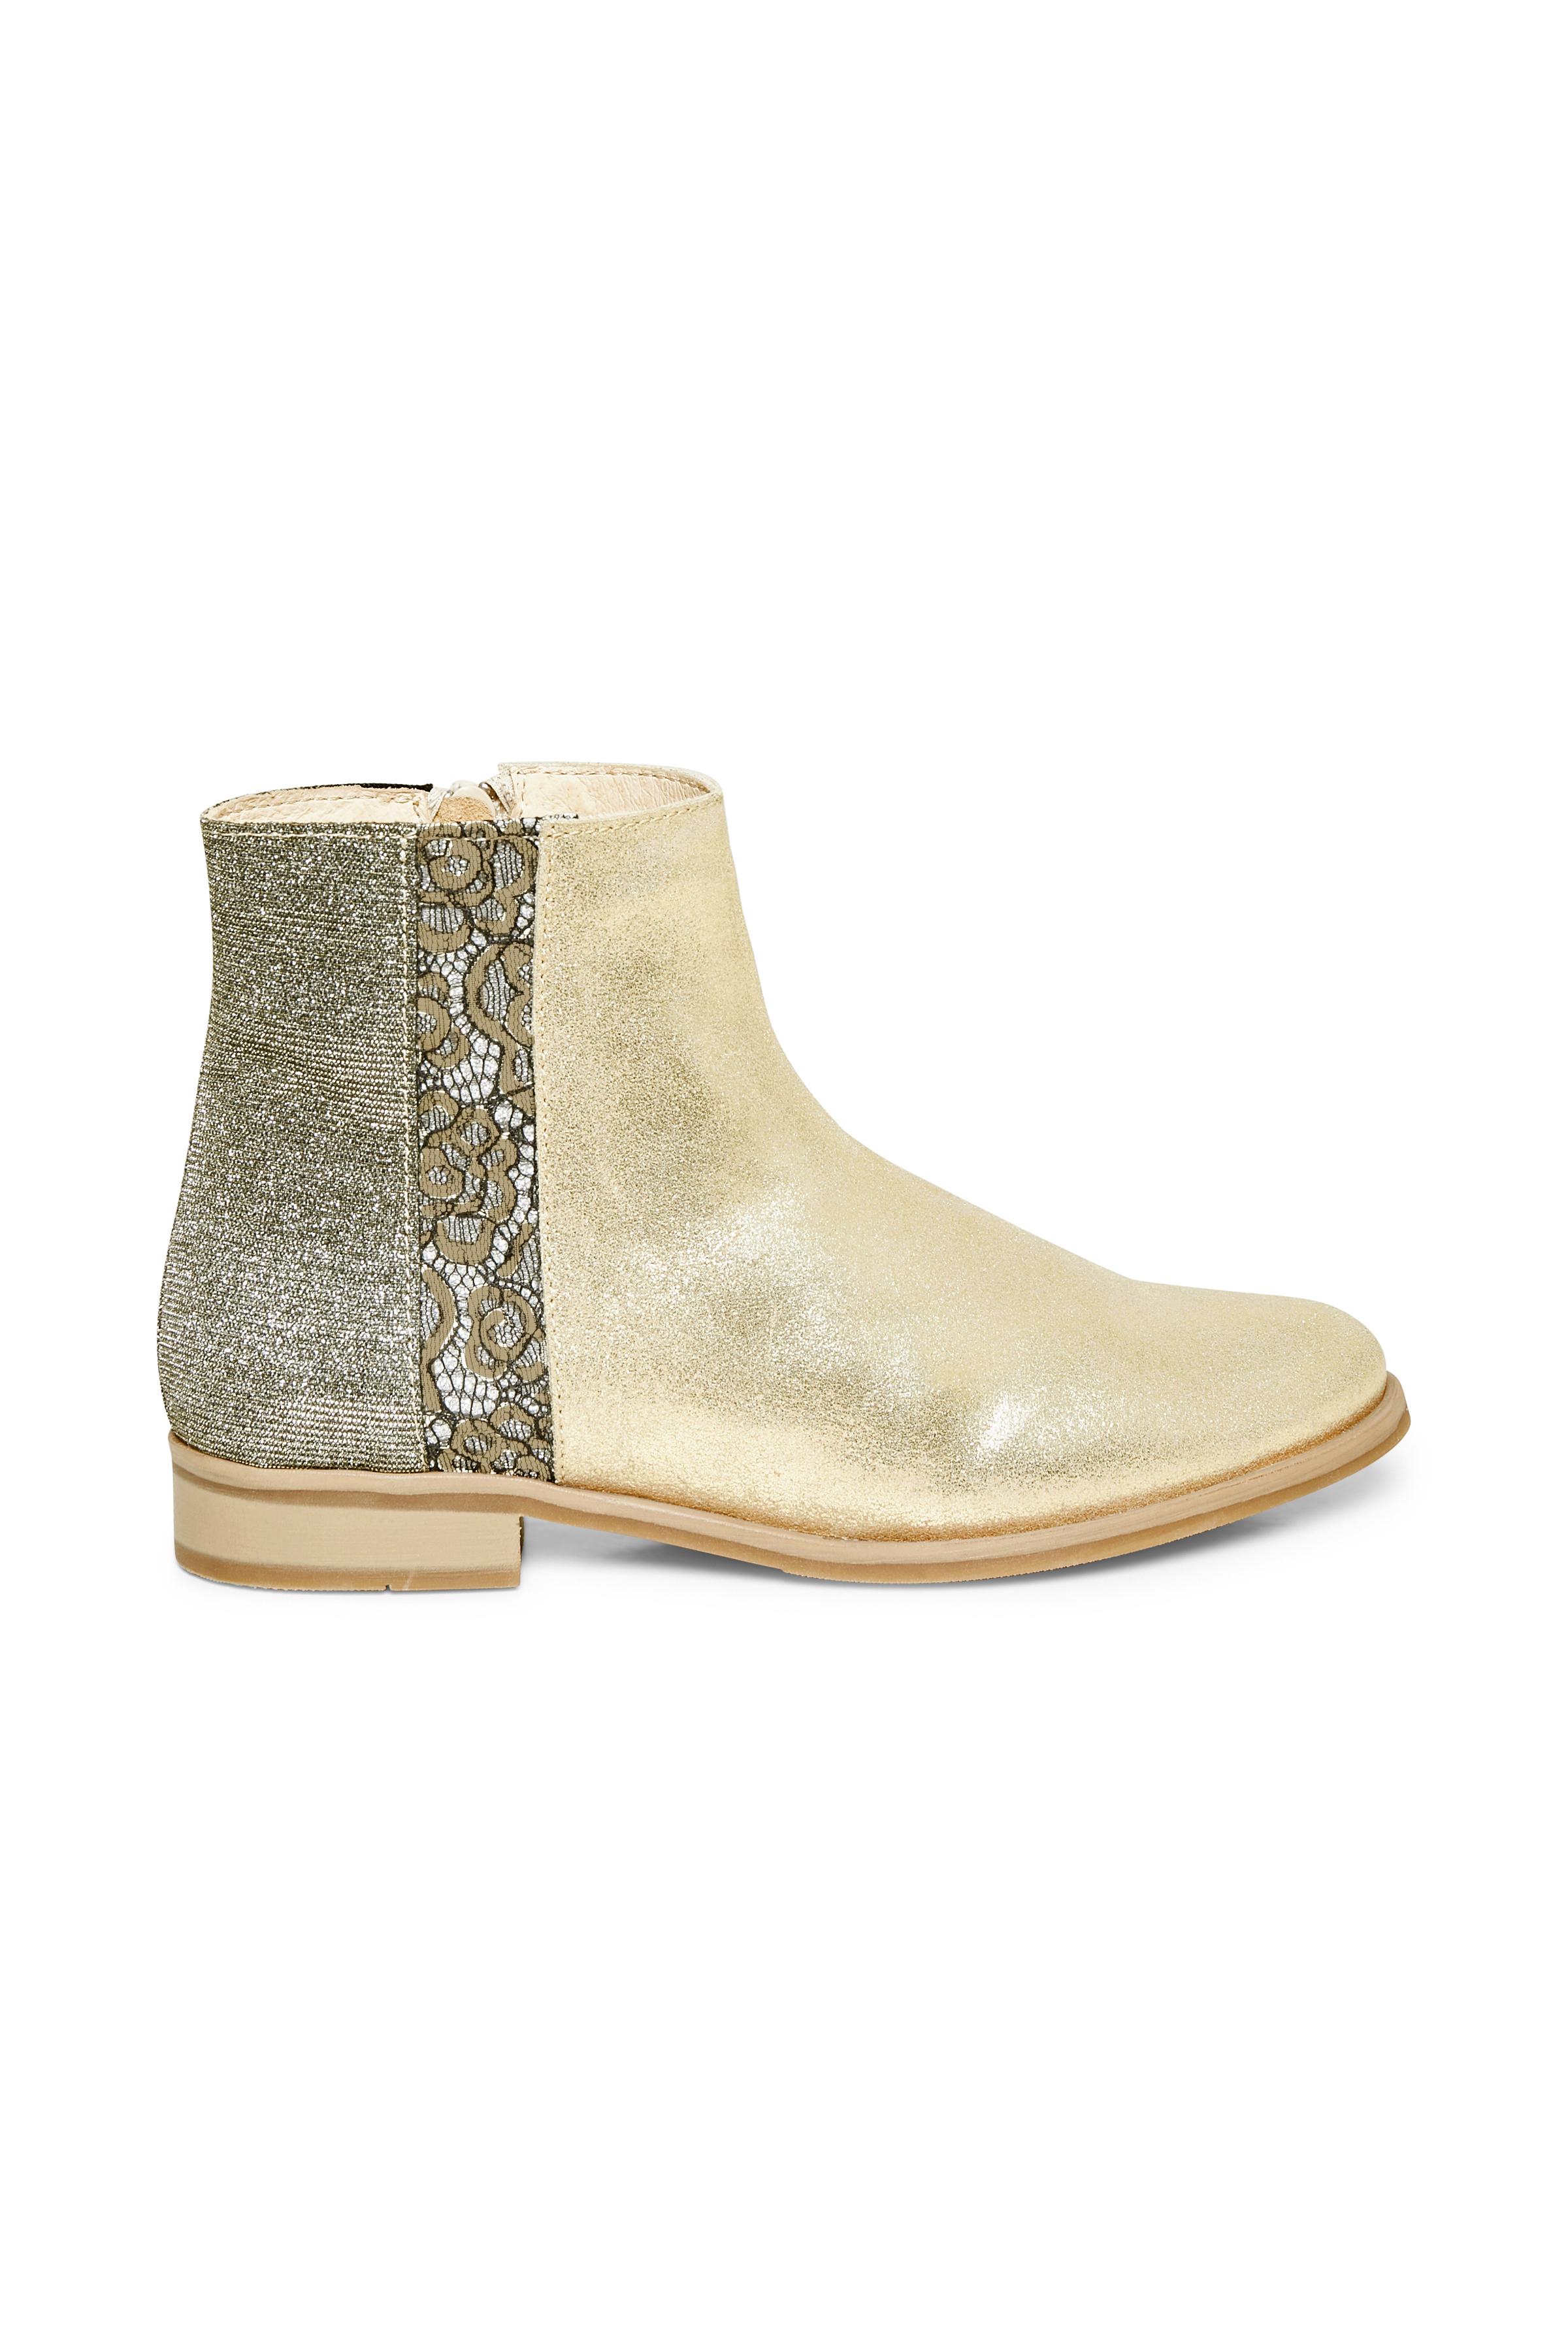 Crème/silver Skinnstövlar från Cream Accessories – Köp Crème/silver Skinnstövlar från stl. 36-41 här